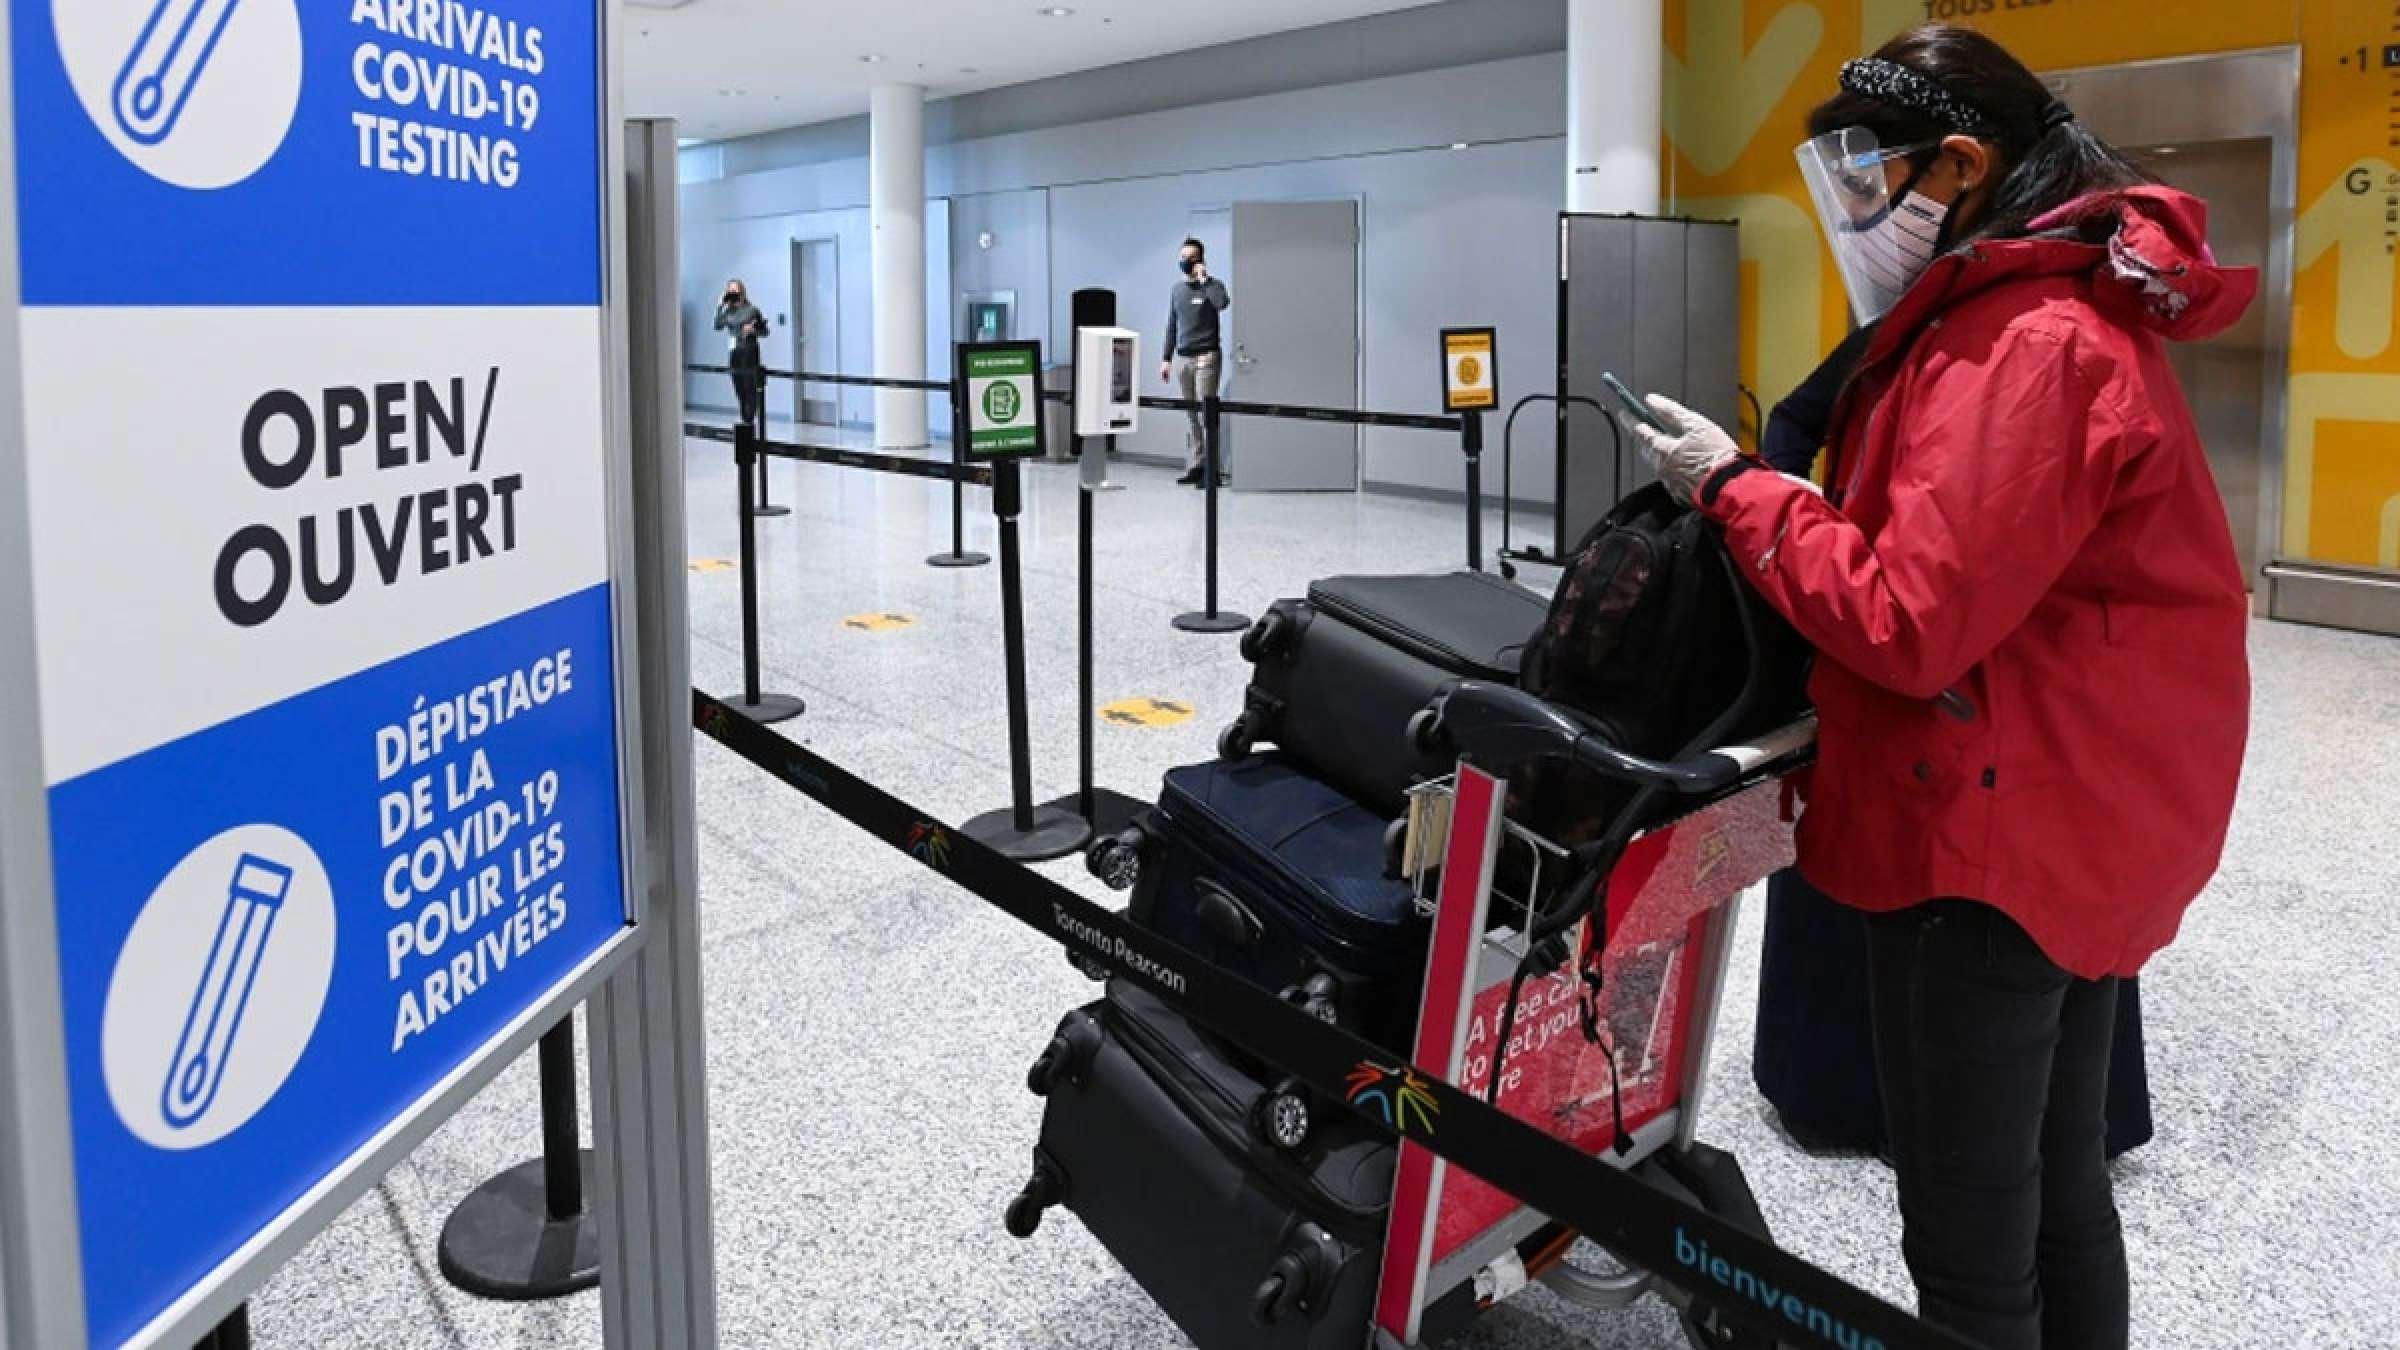 اخبار-تورنتو-خروج-مسافران-از-فرودگاه-بدون-قرنطینه-اجباری-۳-روزه-و-هتل-2000-دلاری